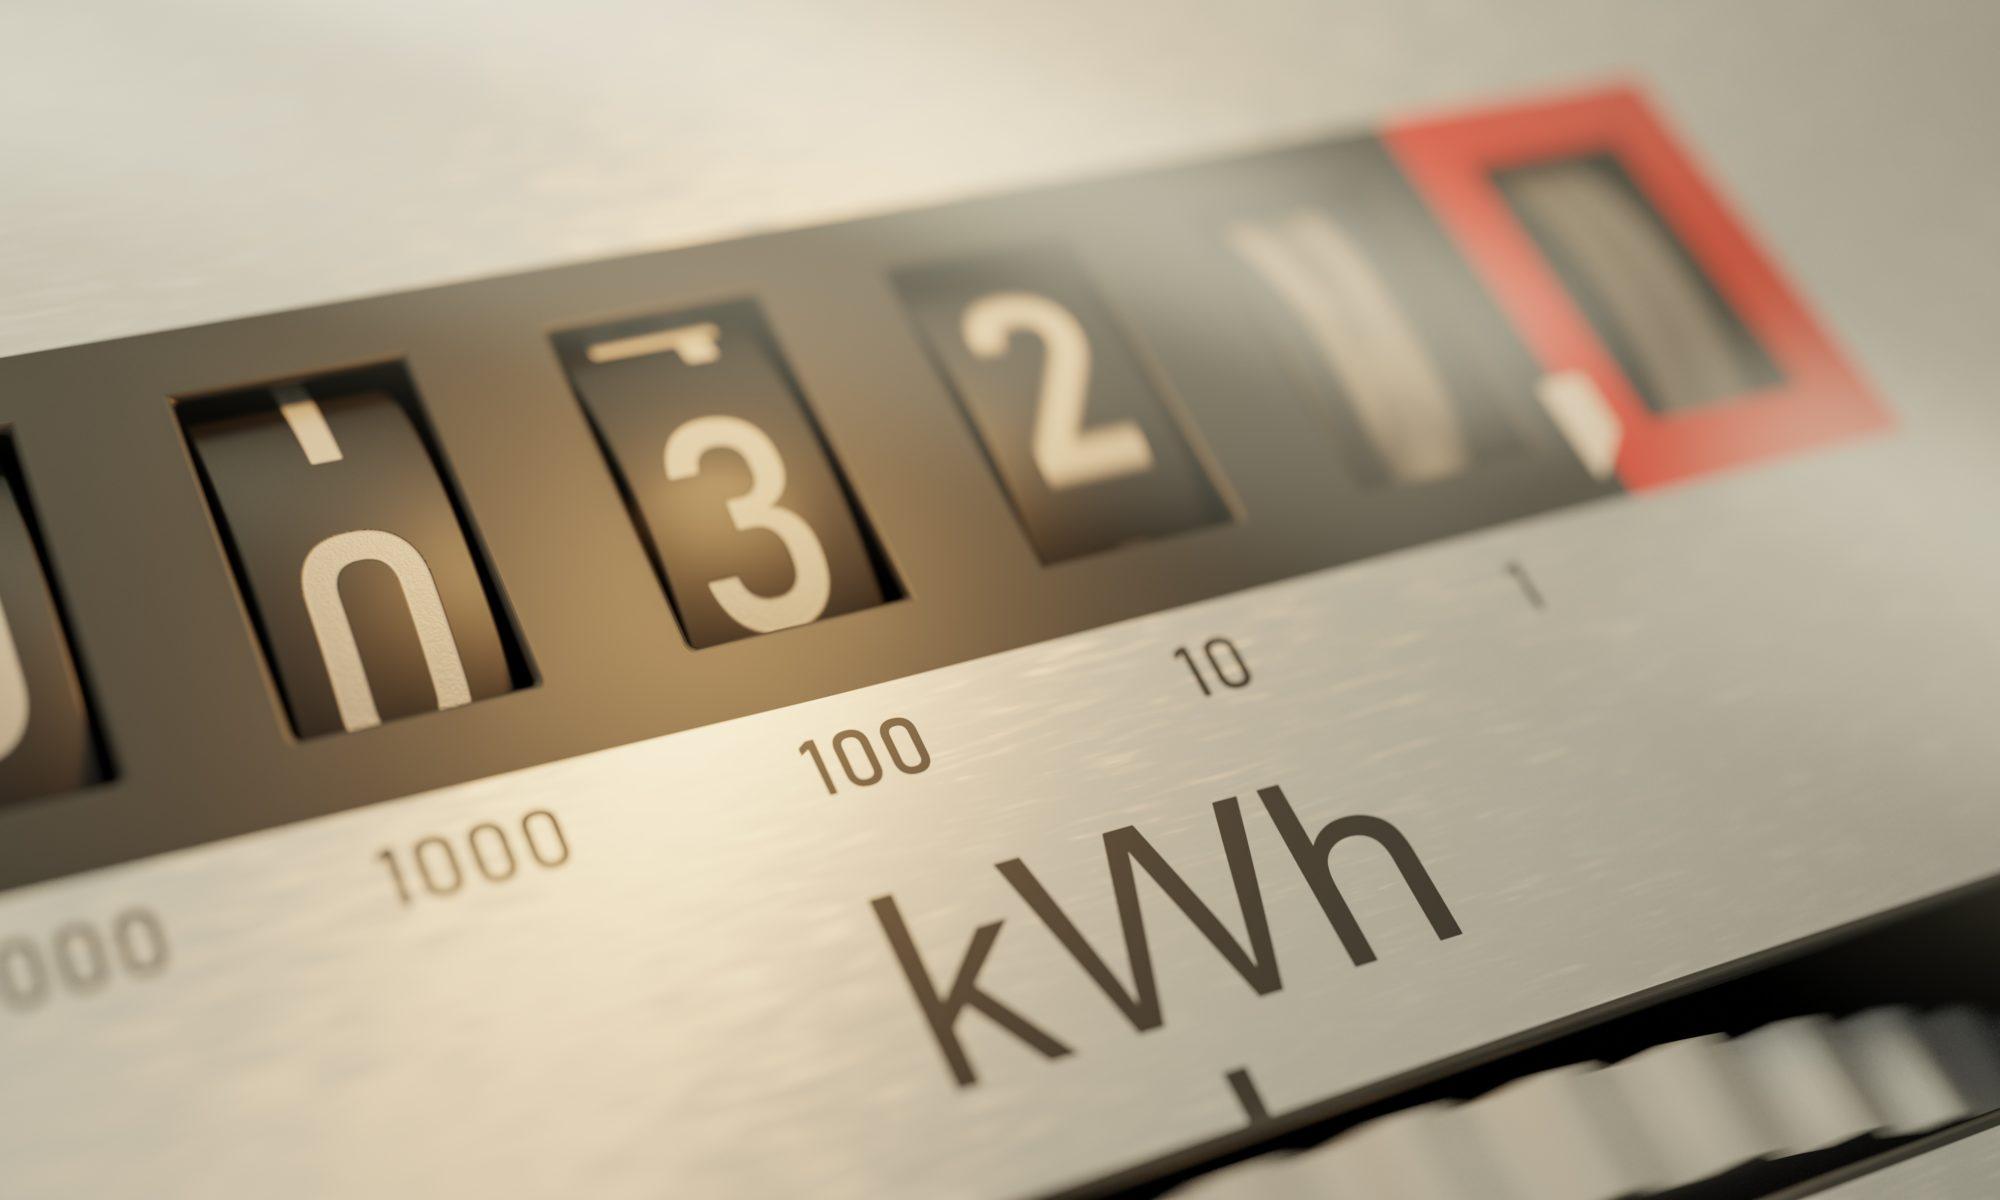 AdobeStock 295444027 2000x1200 - Hartz IV-Bezieher werden mit steigenden Stromkosten allein gelassen